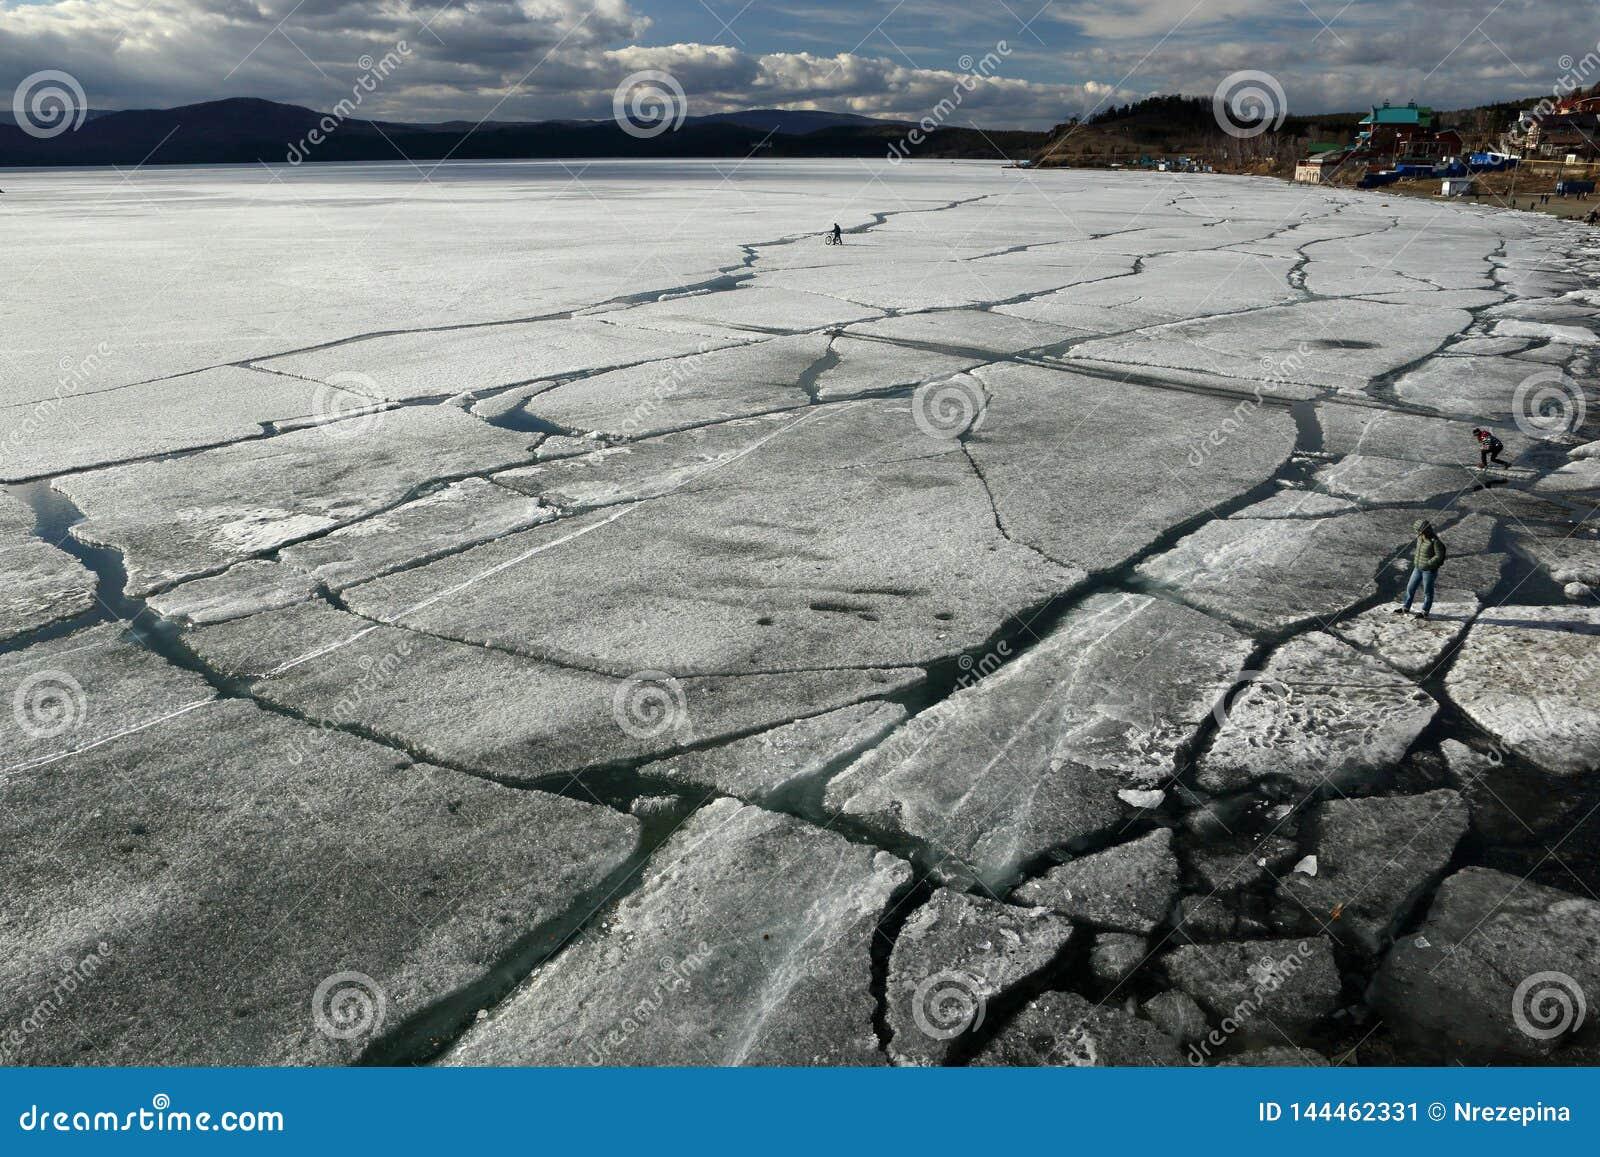 Paisaje de la primavera con la deriva del hielo en el lago y los ciclistas y la gente que montan a lo largo de él